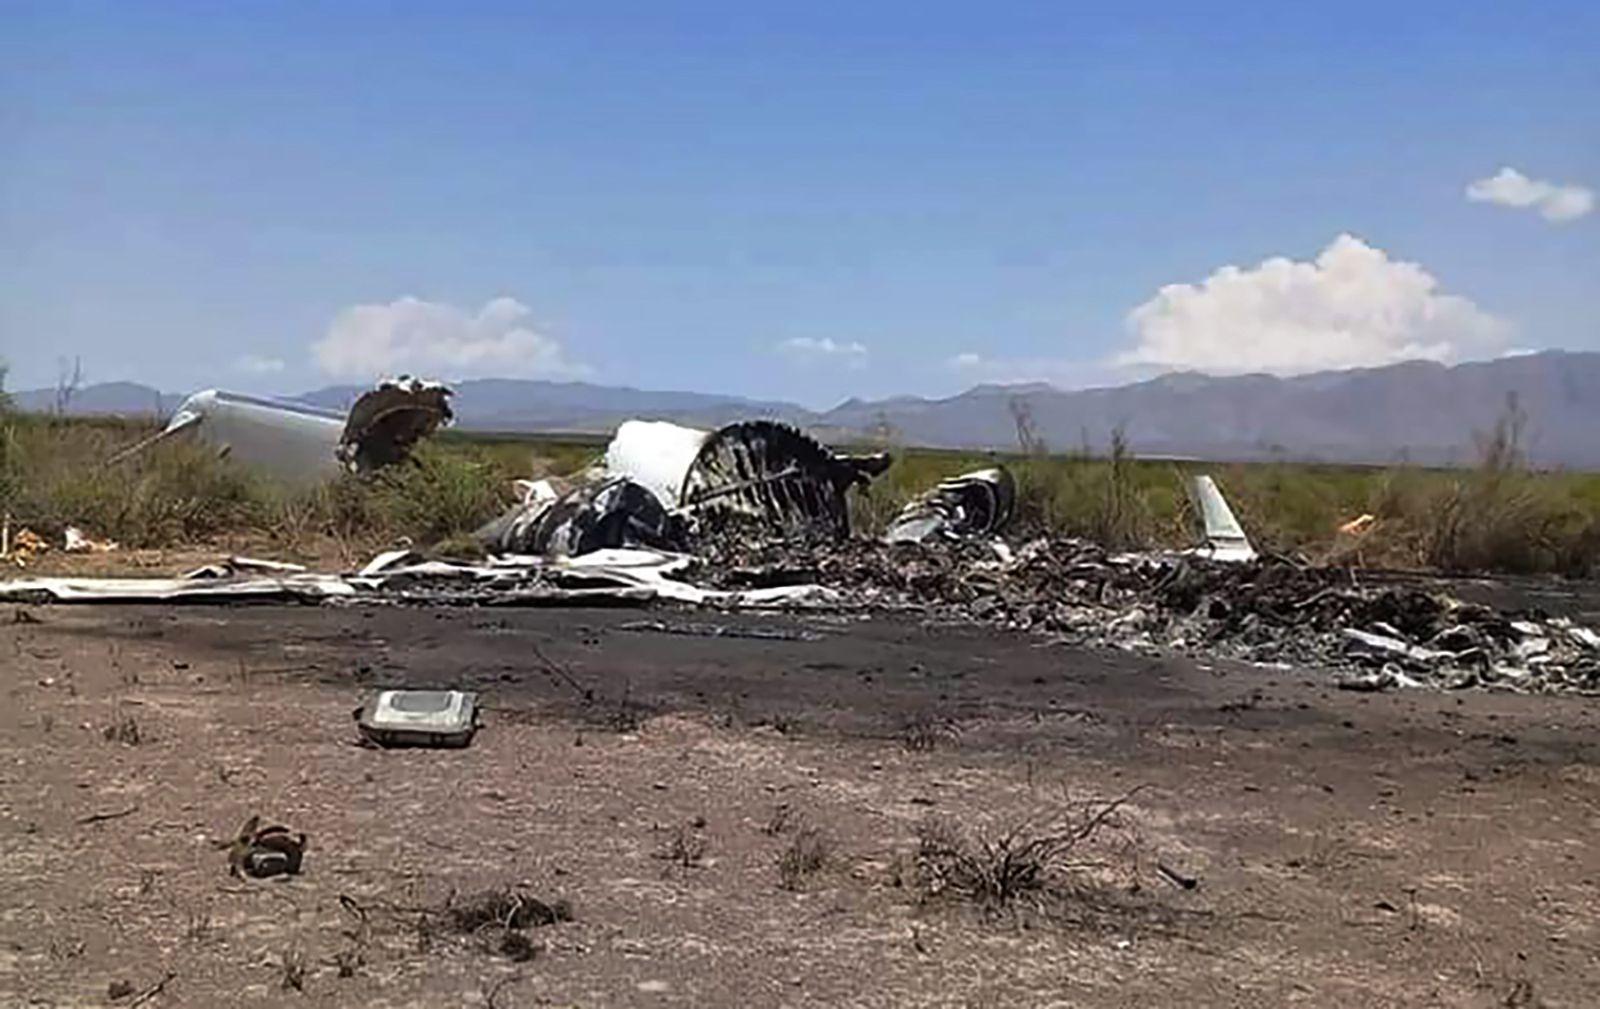 FUNNET I FJELLOMRÅDE: Vraket av flyet ble funnet i Ocampo nord i Mexico 6. mai.